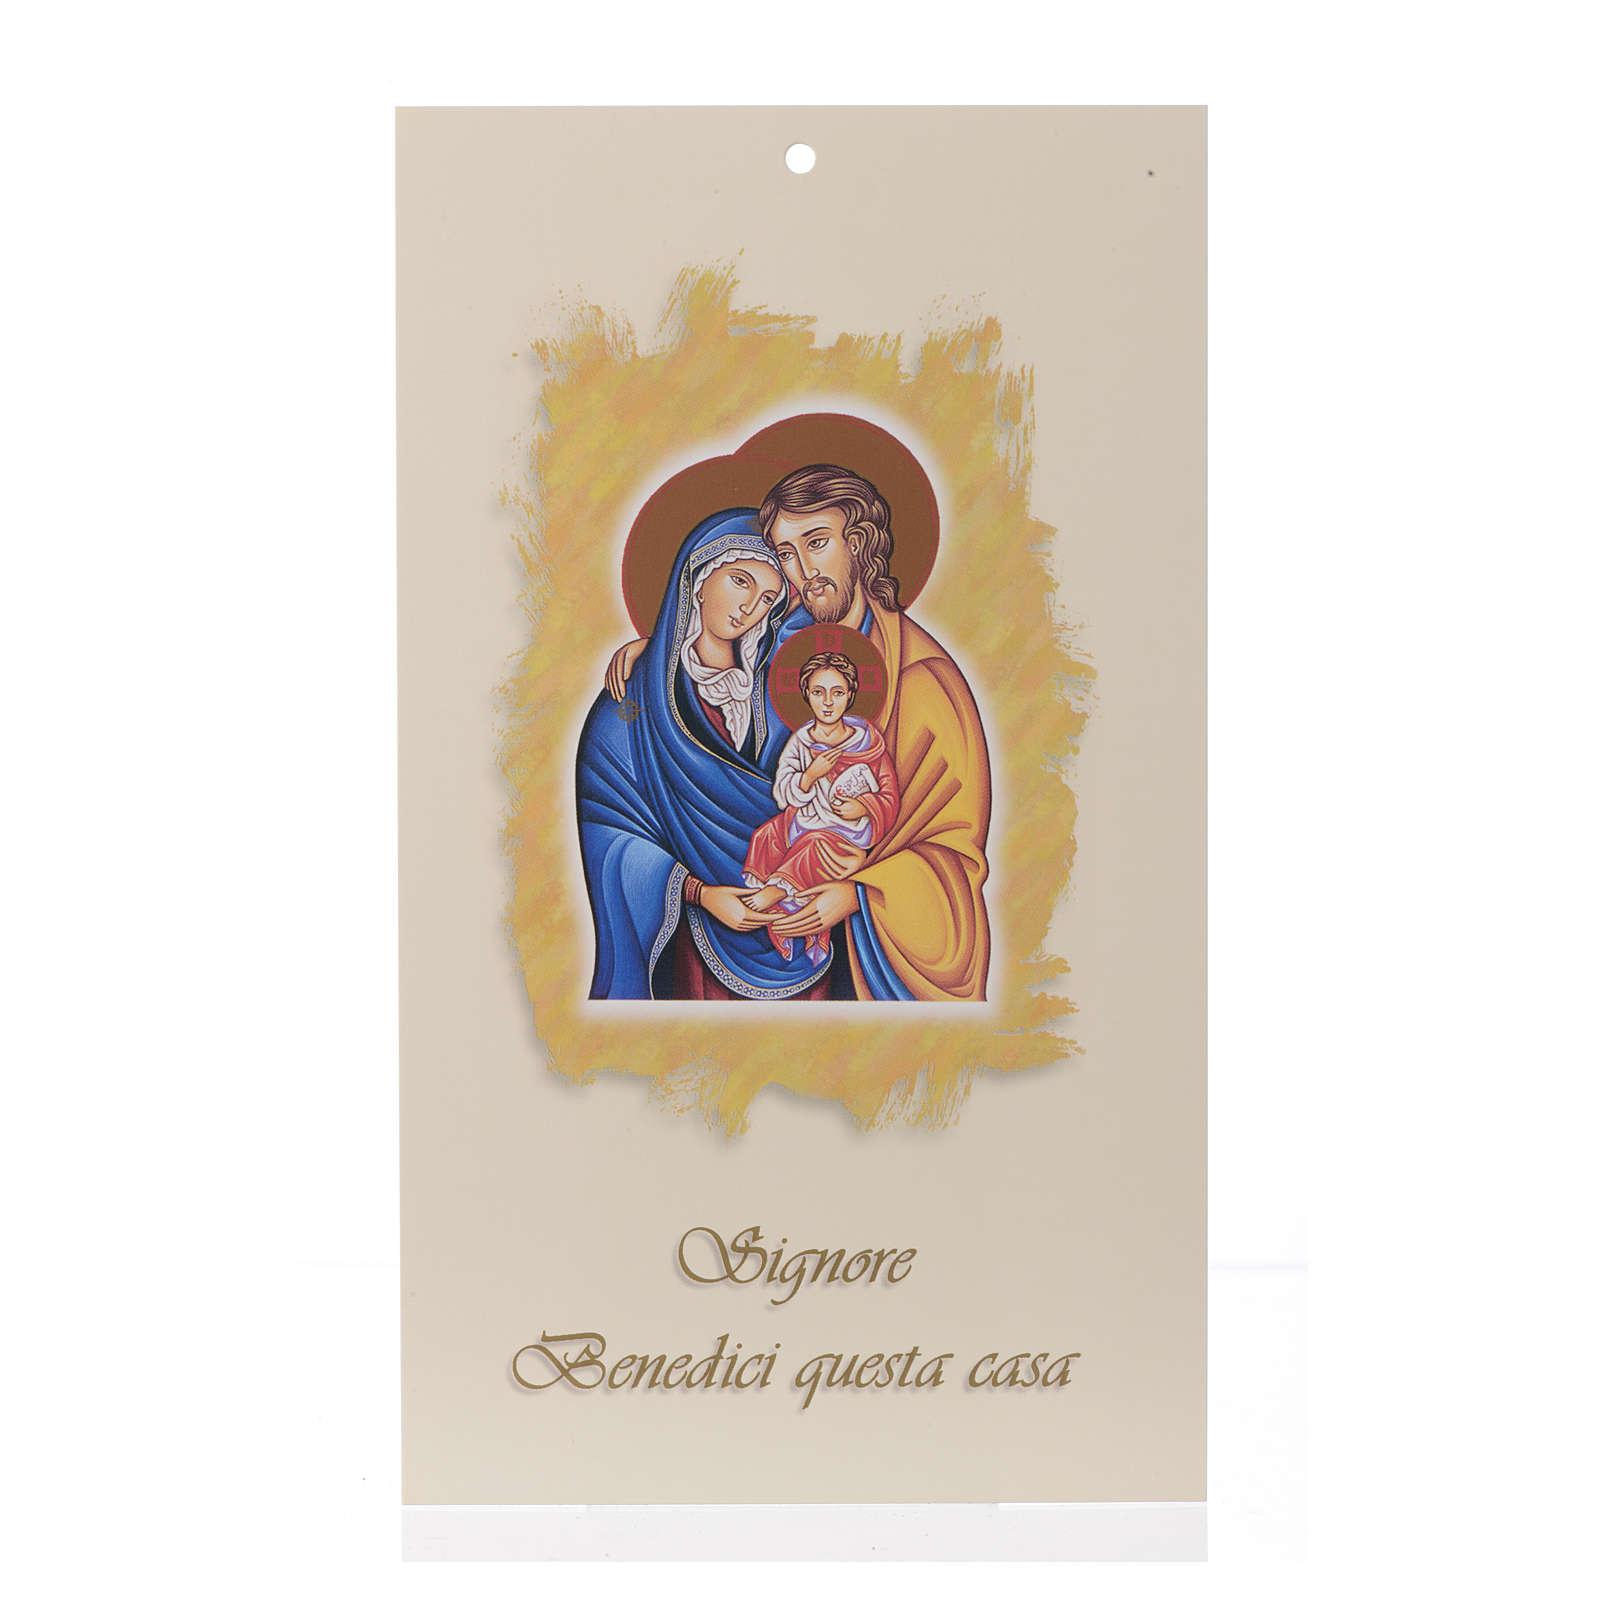 Benedizione di Pasqua: Sacra Famiglia con preghiera (100 pz.) 3